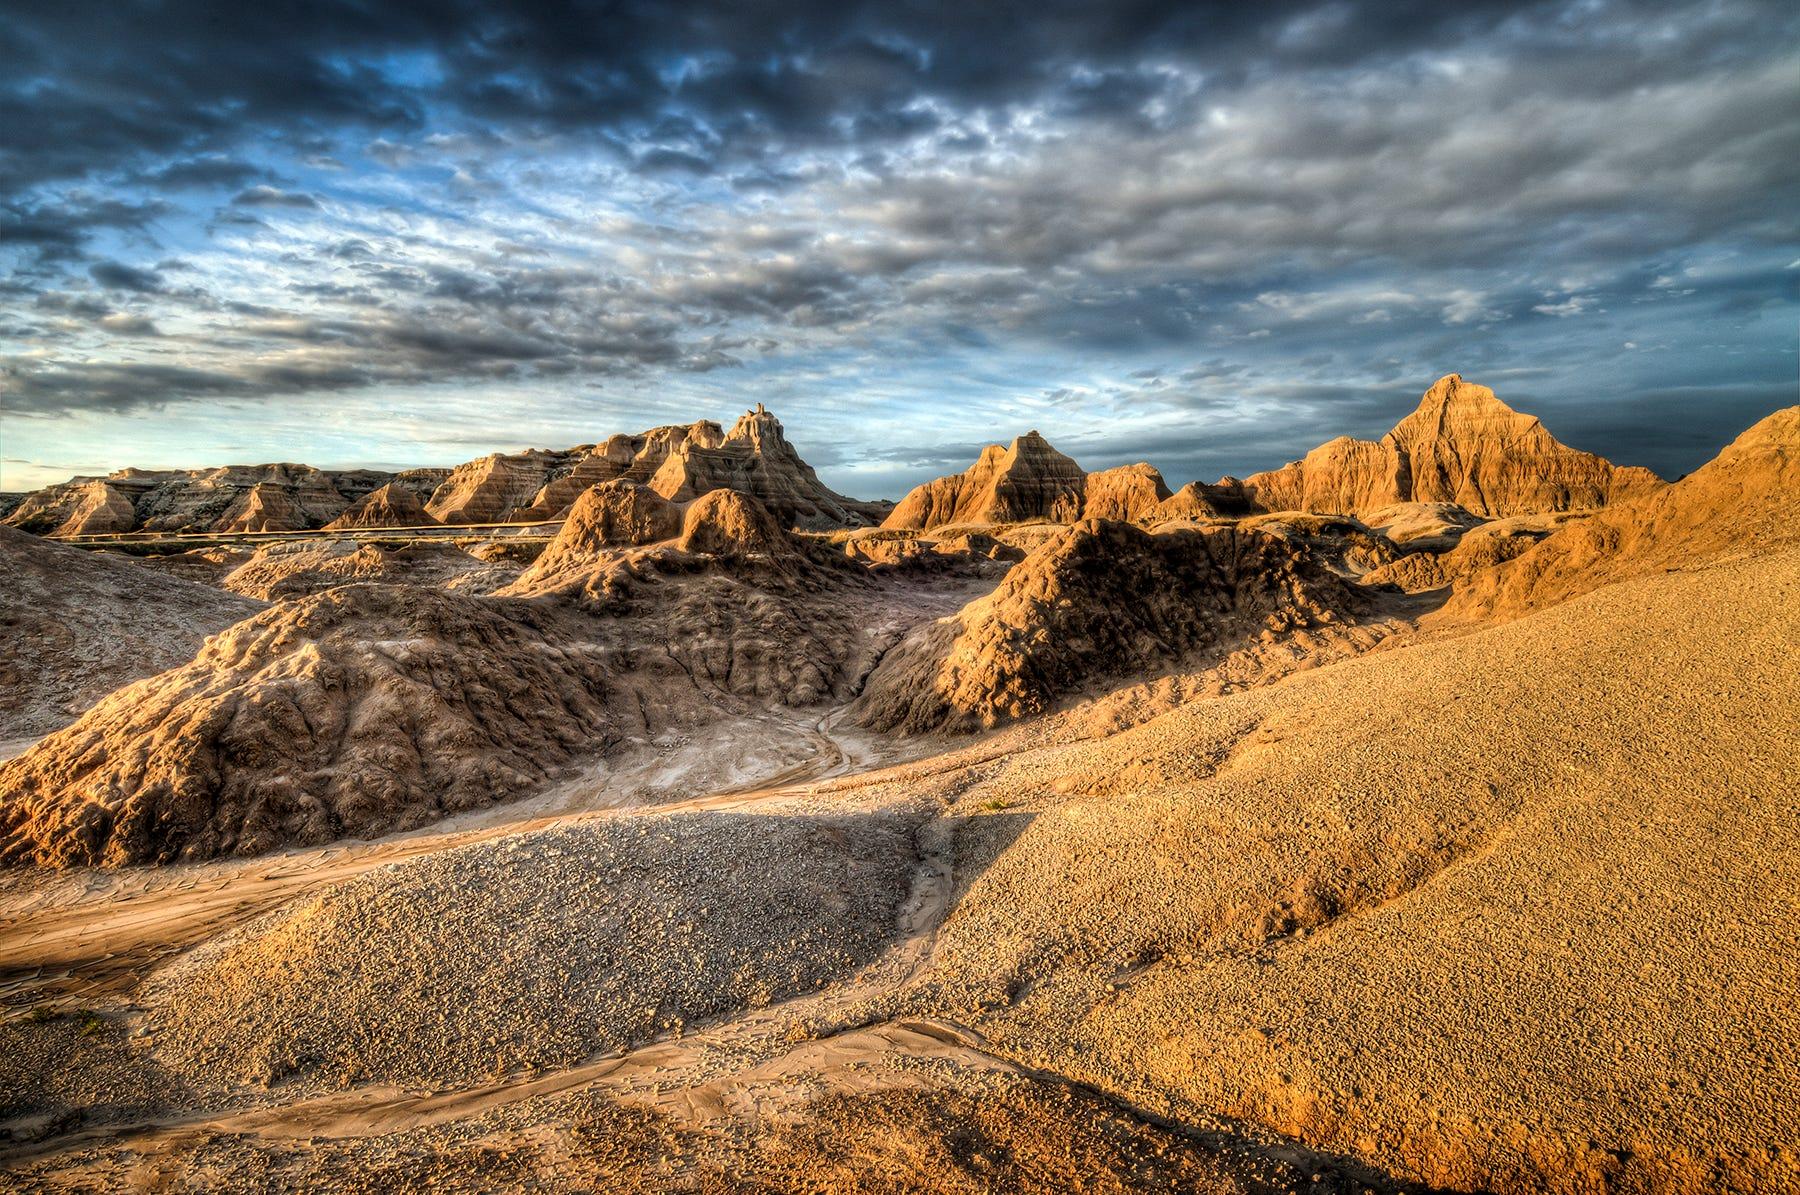 Badlands National Park: 10 tips for your visit